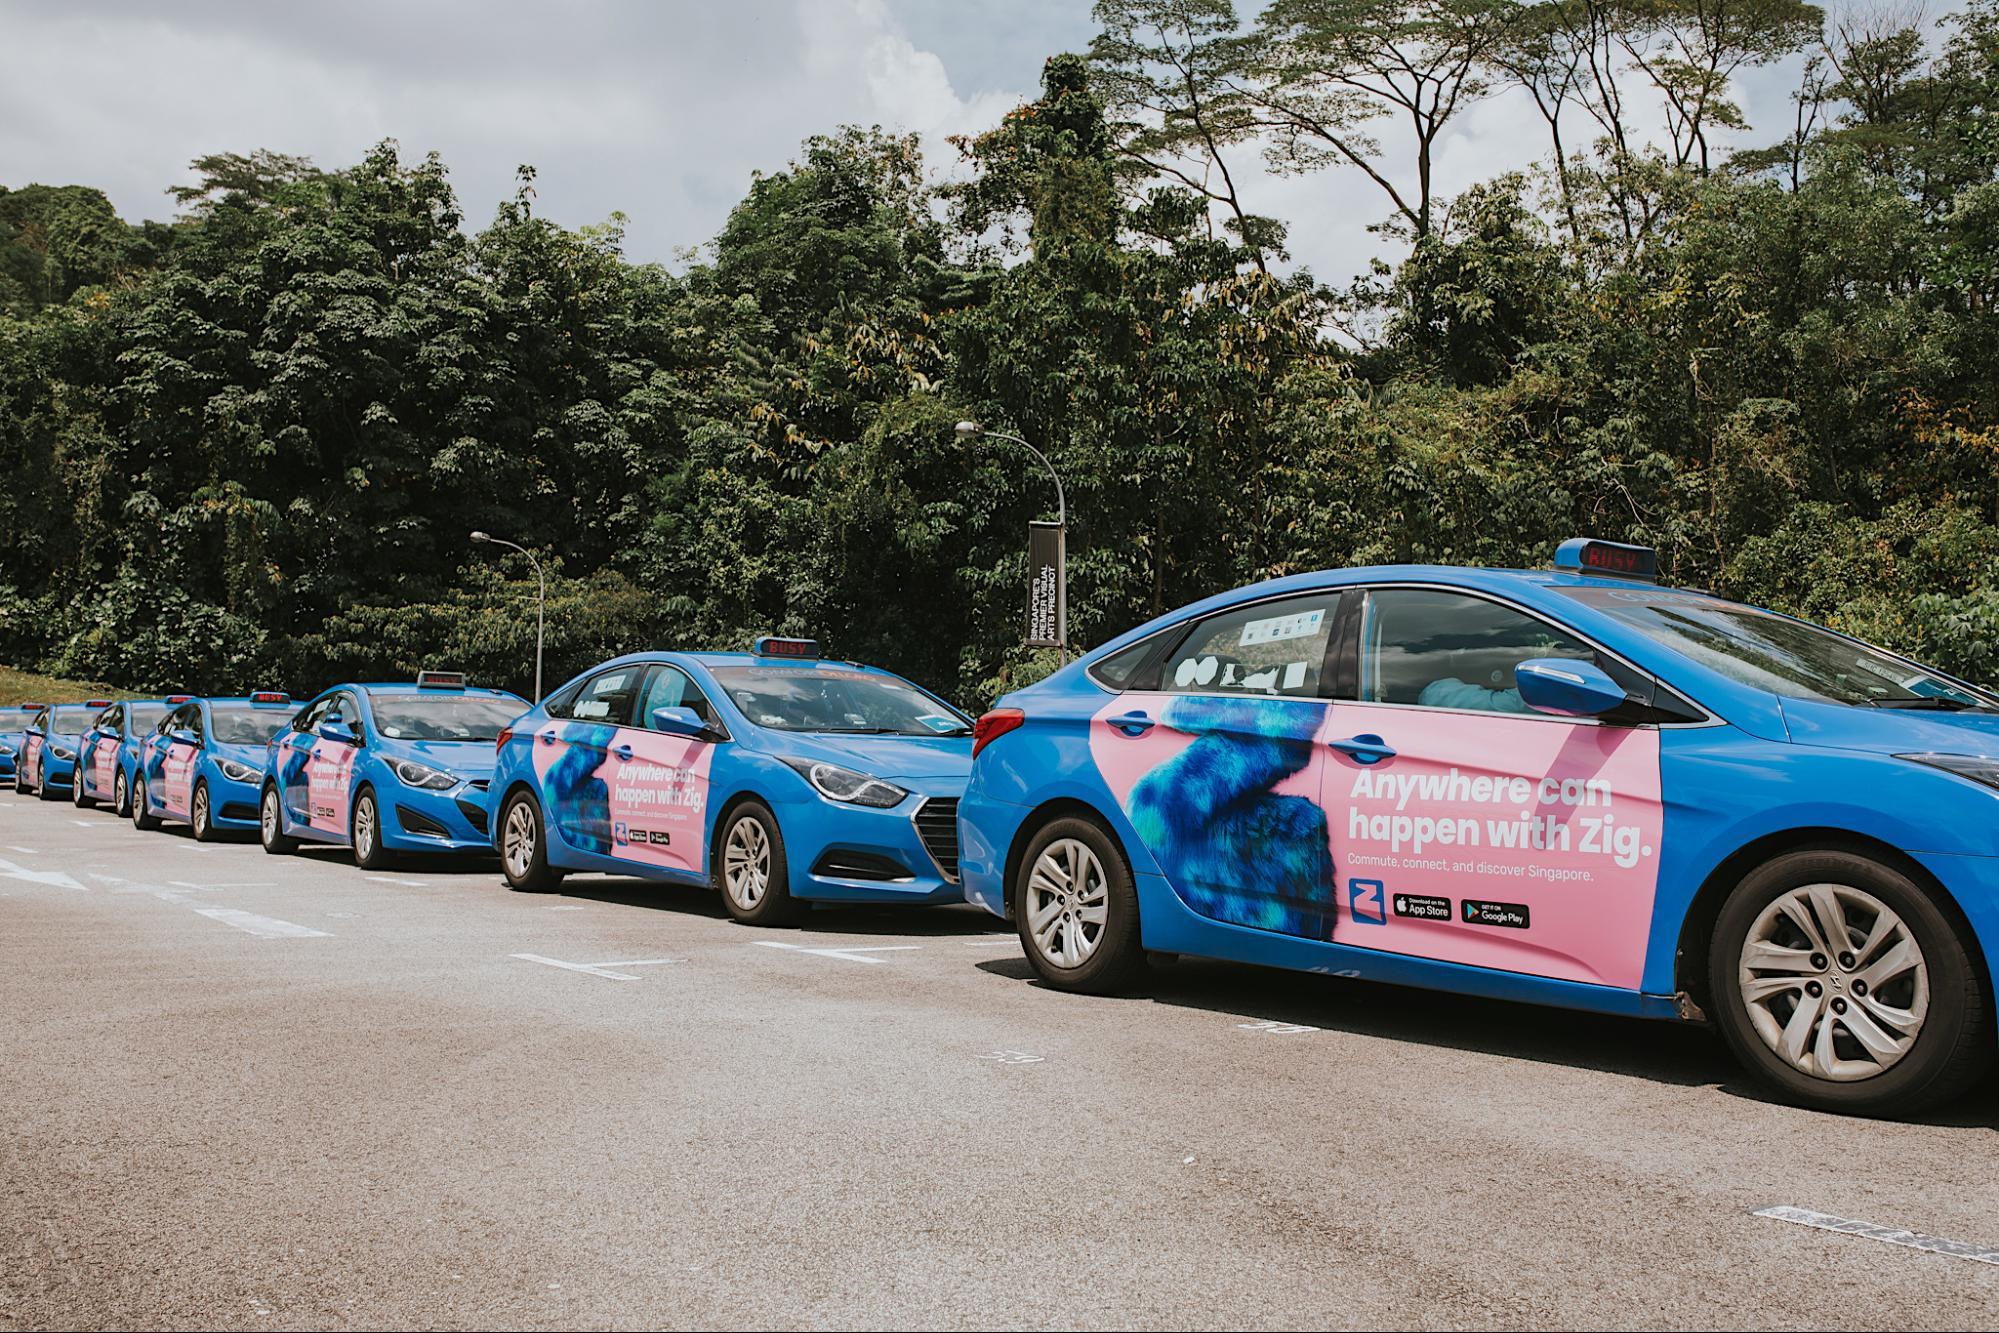 comfortdelgro taxis